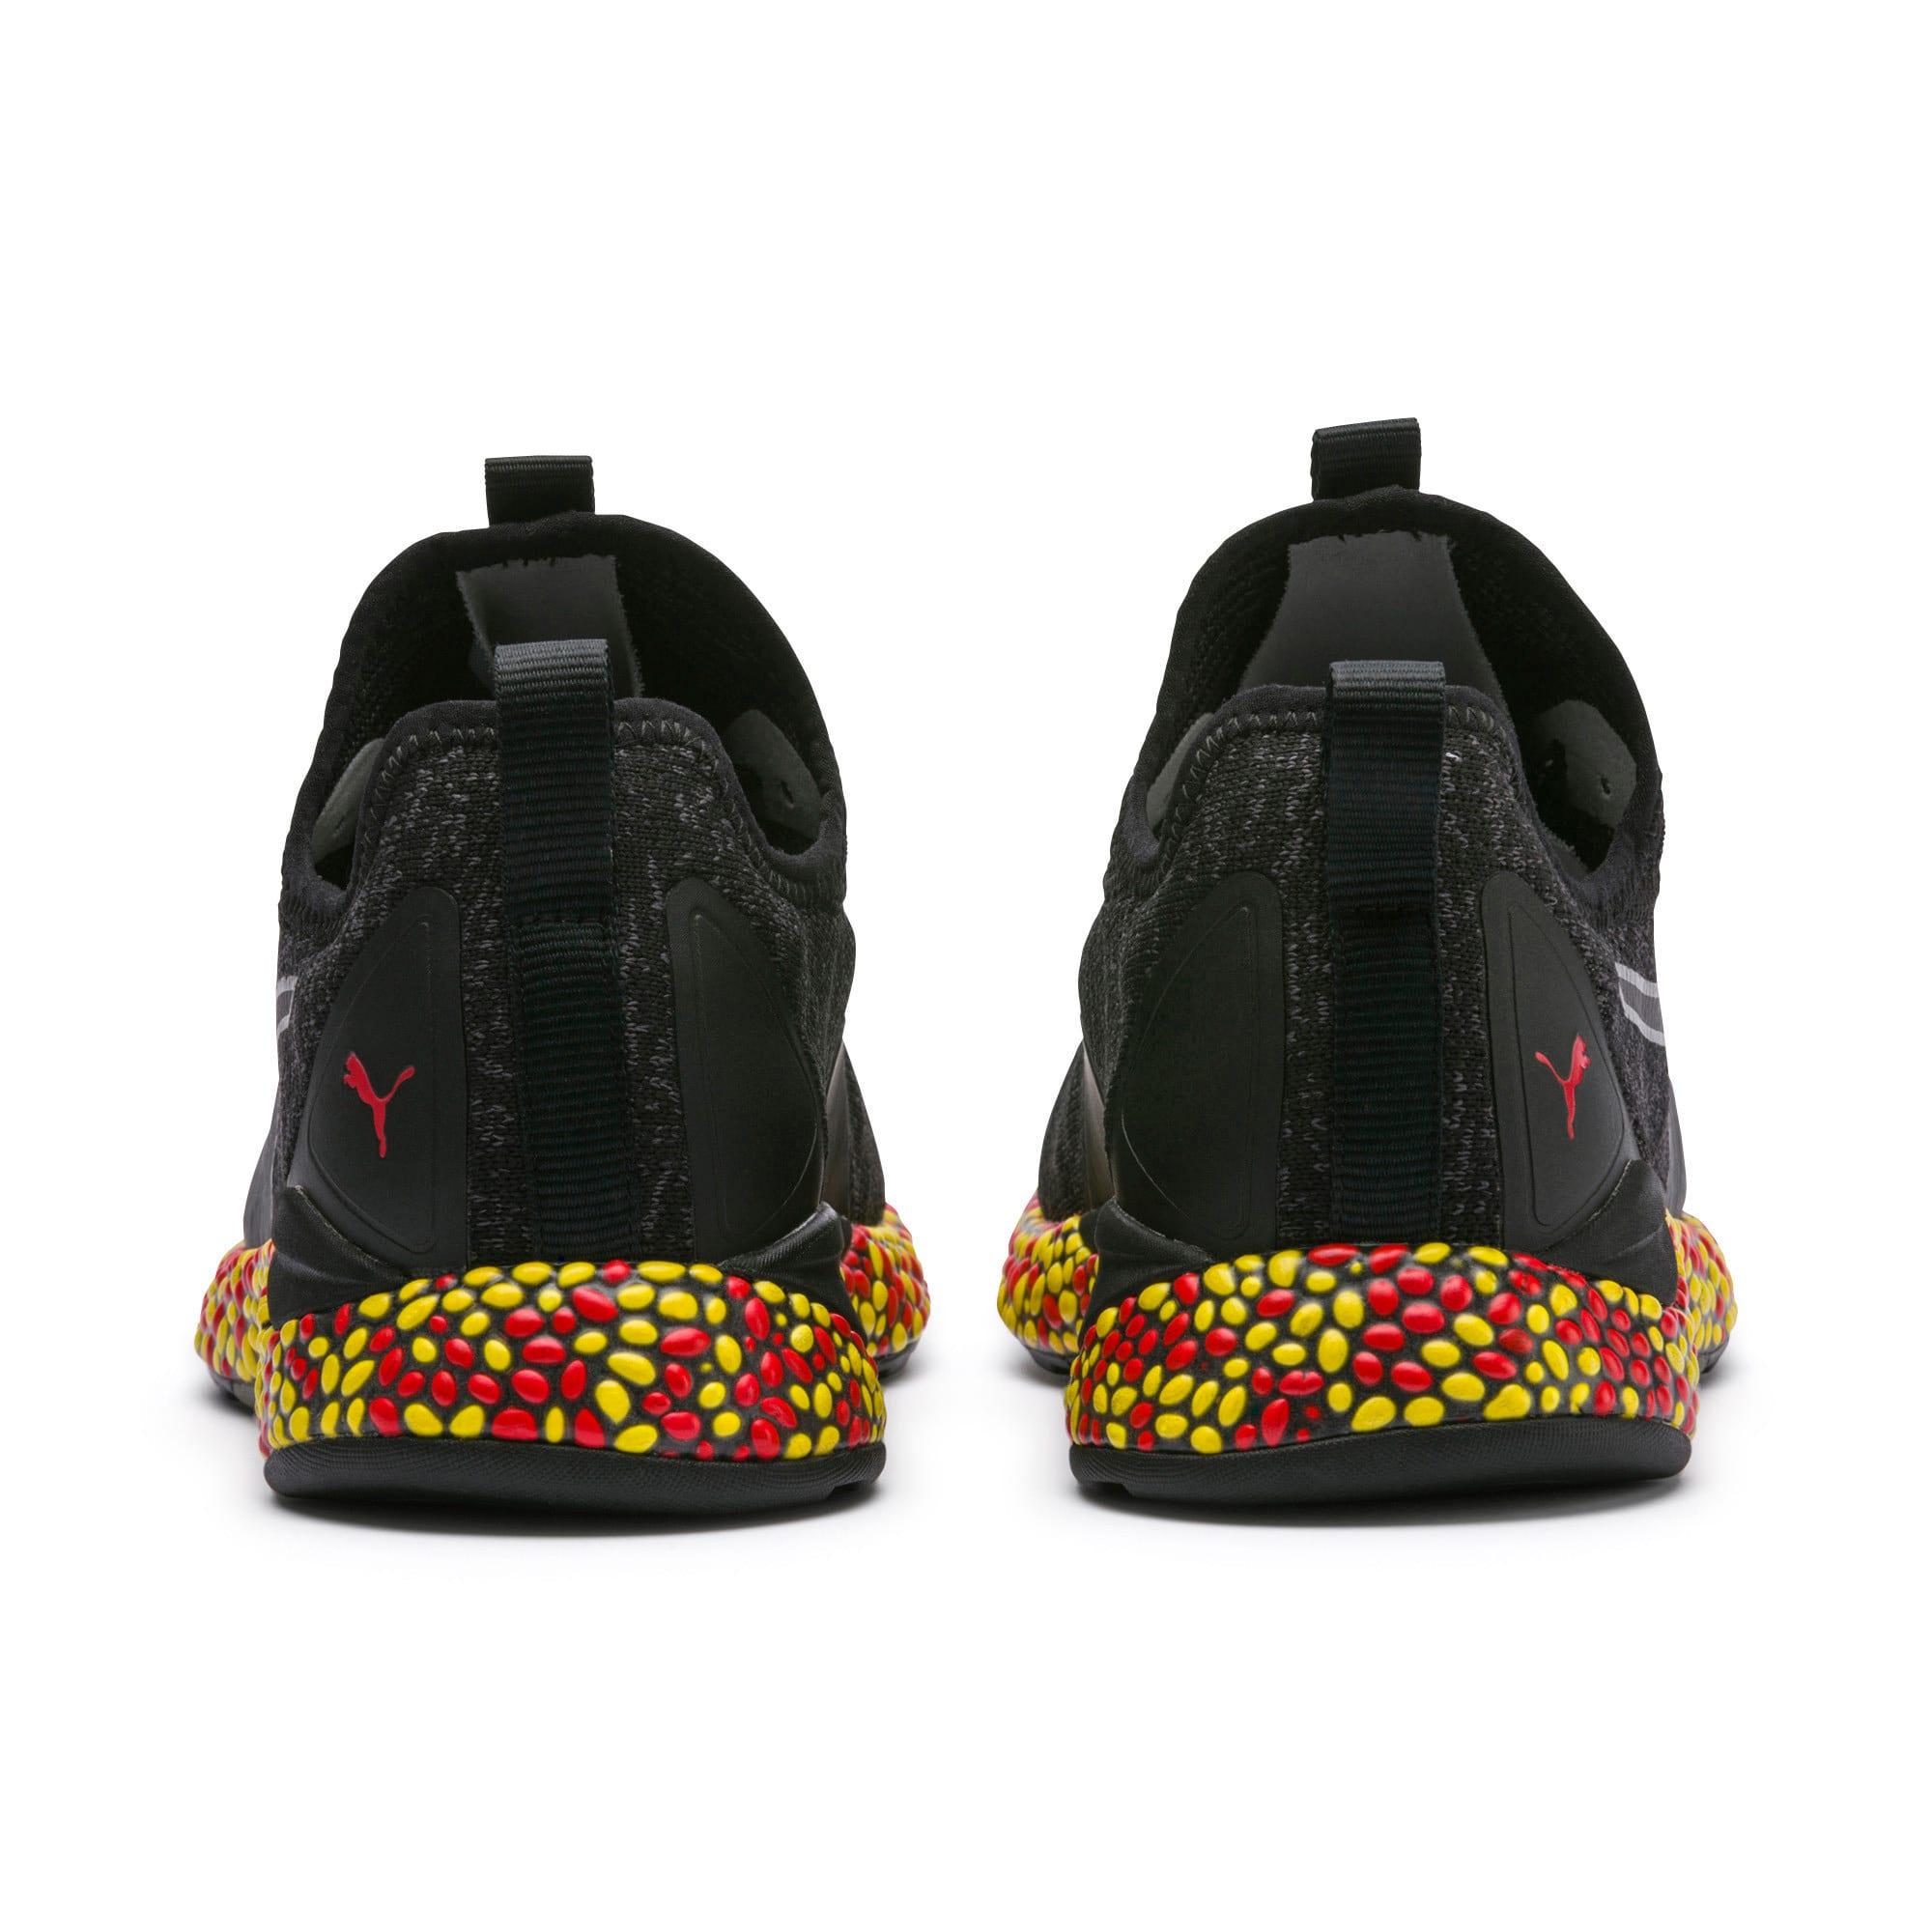 Miniaturka 3 Męskie buty do biegania Hybrid Runner, Kolor Black-Red-Blazing Yellow, średnie